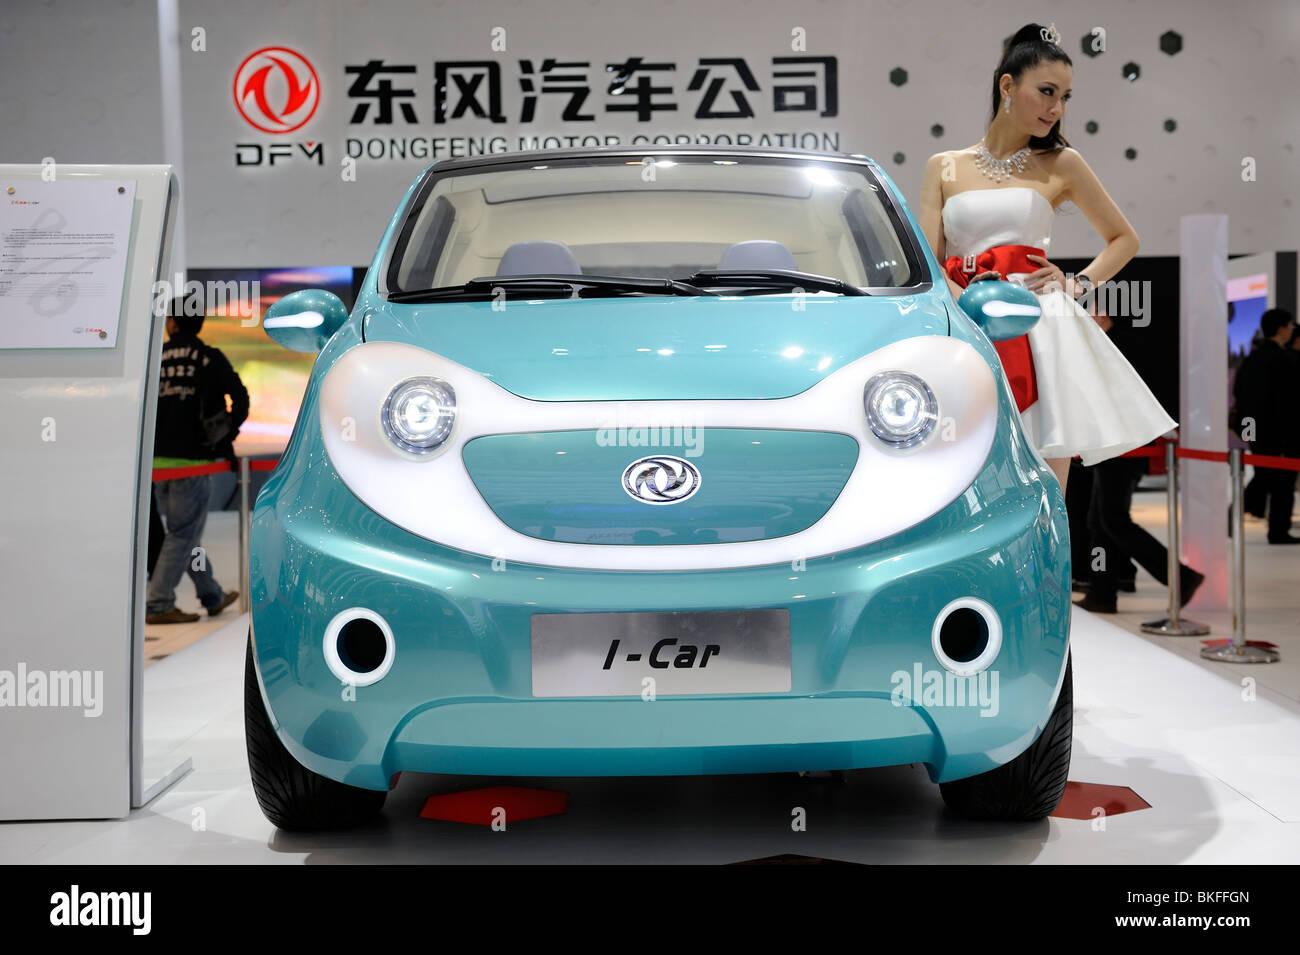 Un modello pone accanto a Dongfeng Motor Group Co. I-Car concept, visualizzato presso il Beijing Auto Show 2010. Immagini Stock